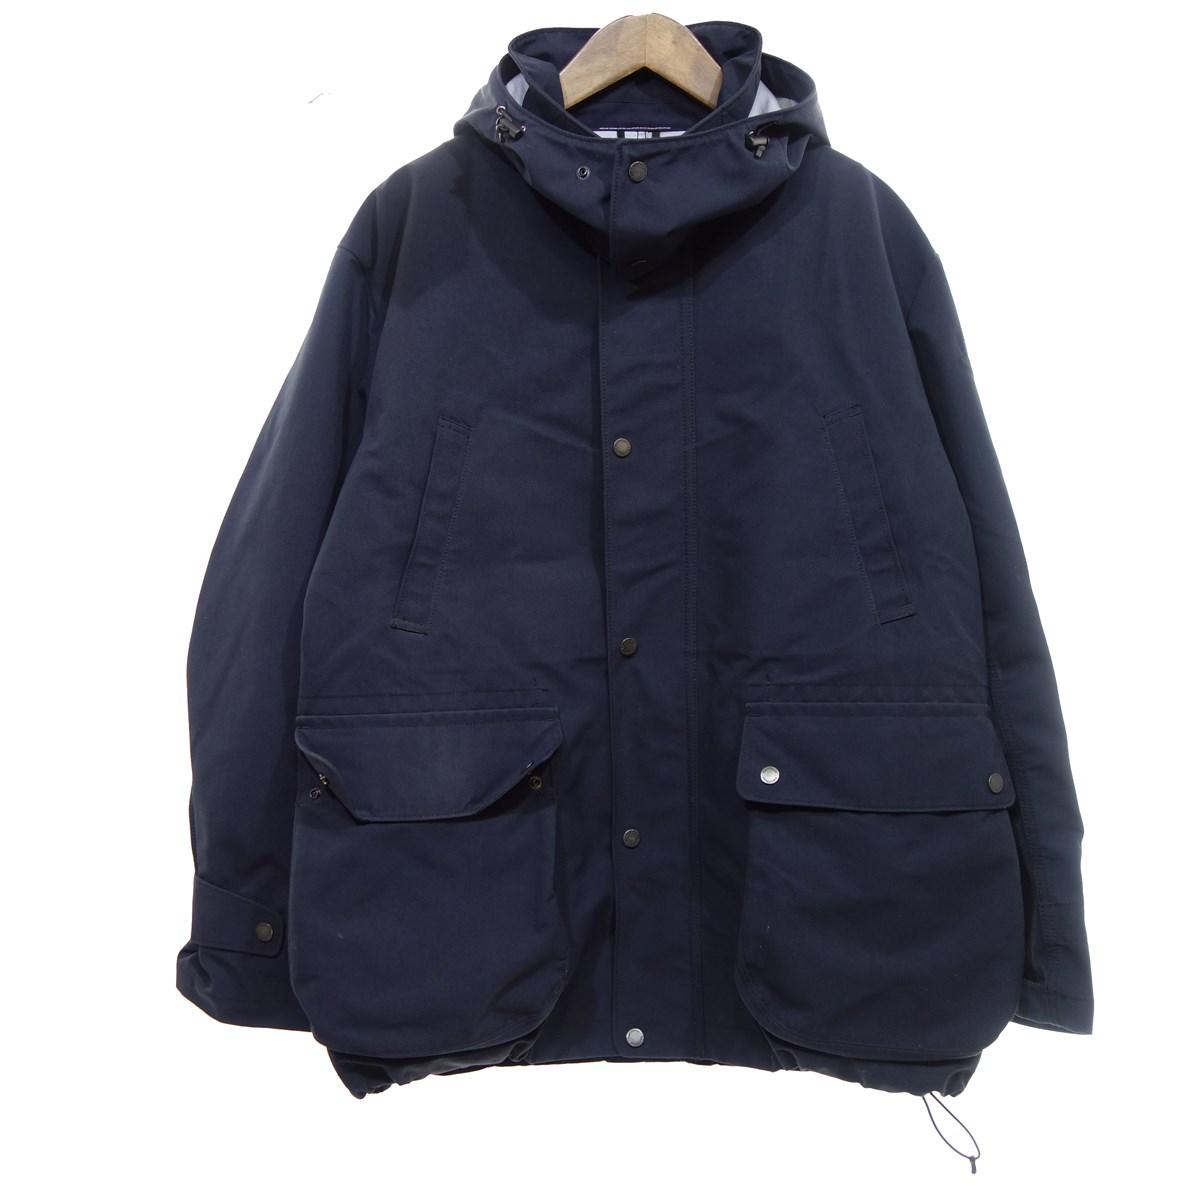 【中古】karrimor 【2019A/W】cordura 3L hoodie マウテンパーカー ブラック サイズ:L 【040420】(カリマー)